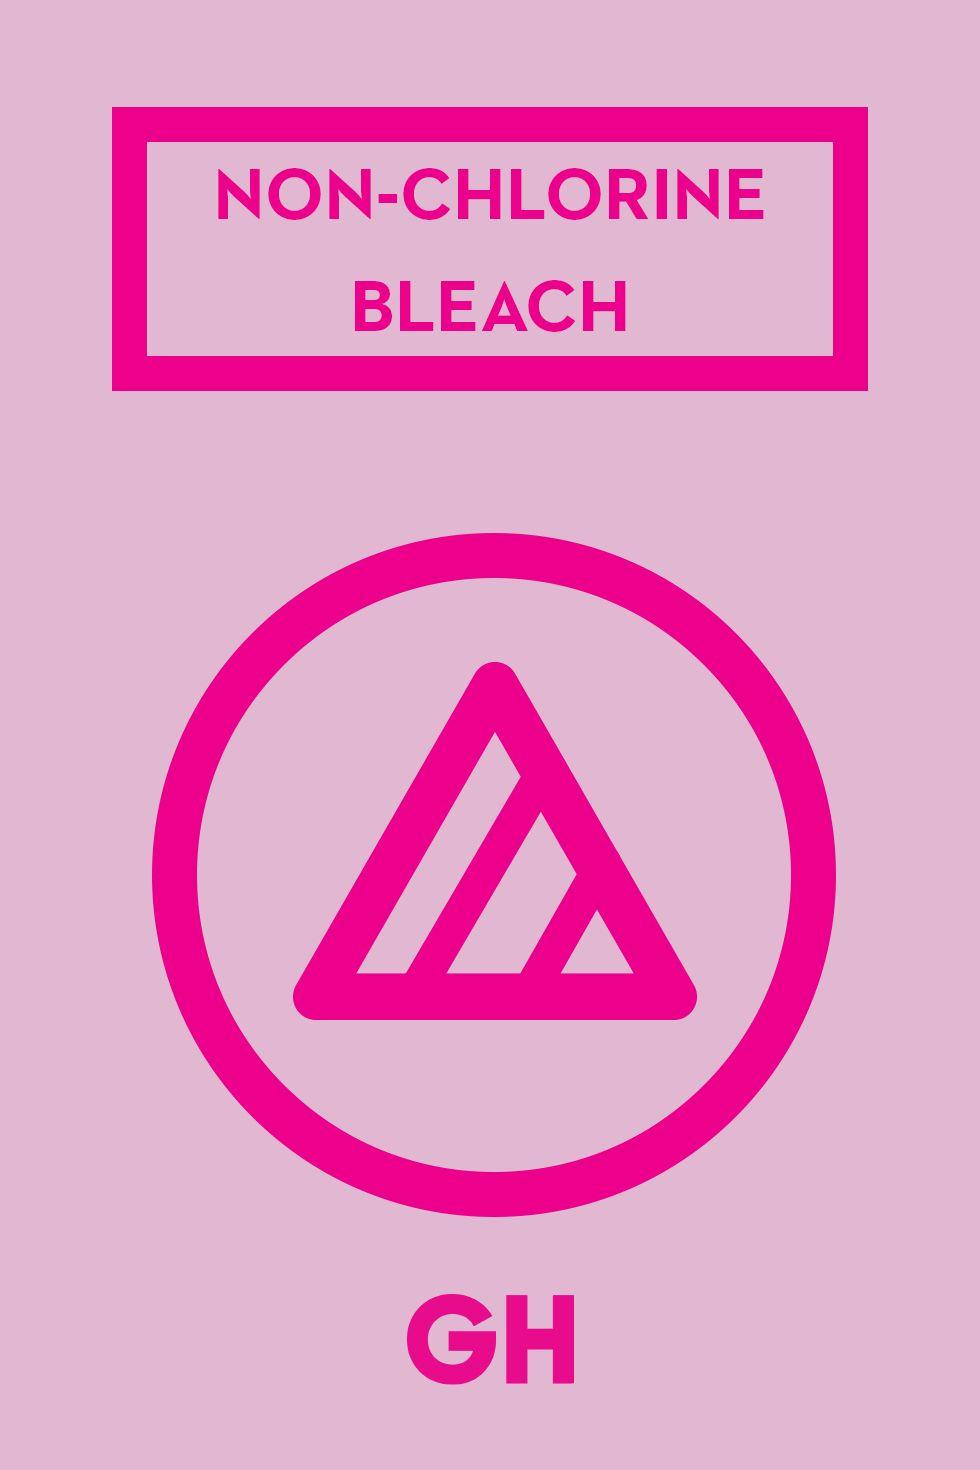 Guide to laundry symbols laundry symbols decoded buycottarizona Choice Image